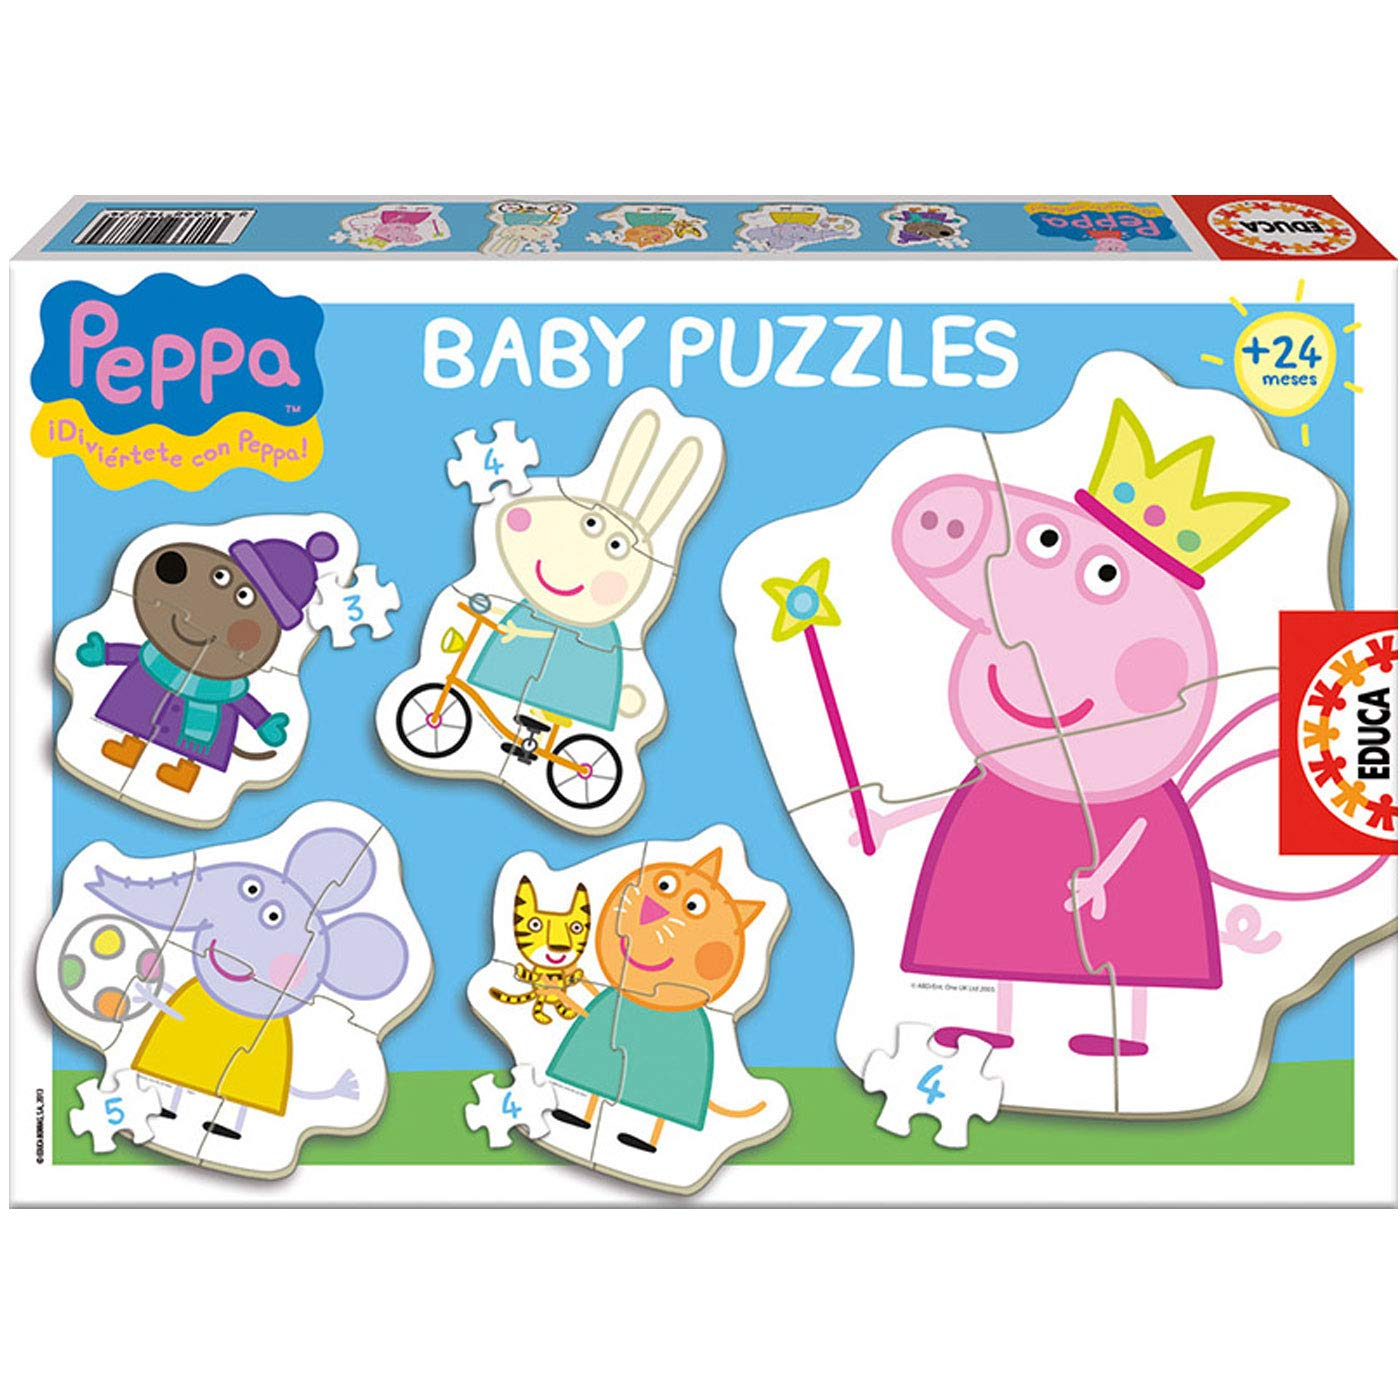 Educaborras Puzzle Baby Peppa de 3,4 y 5 Piezas Puzzle Infantil Fabricado en España: Amazon.es: Juguetes y juegos